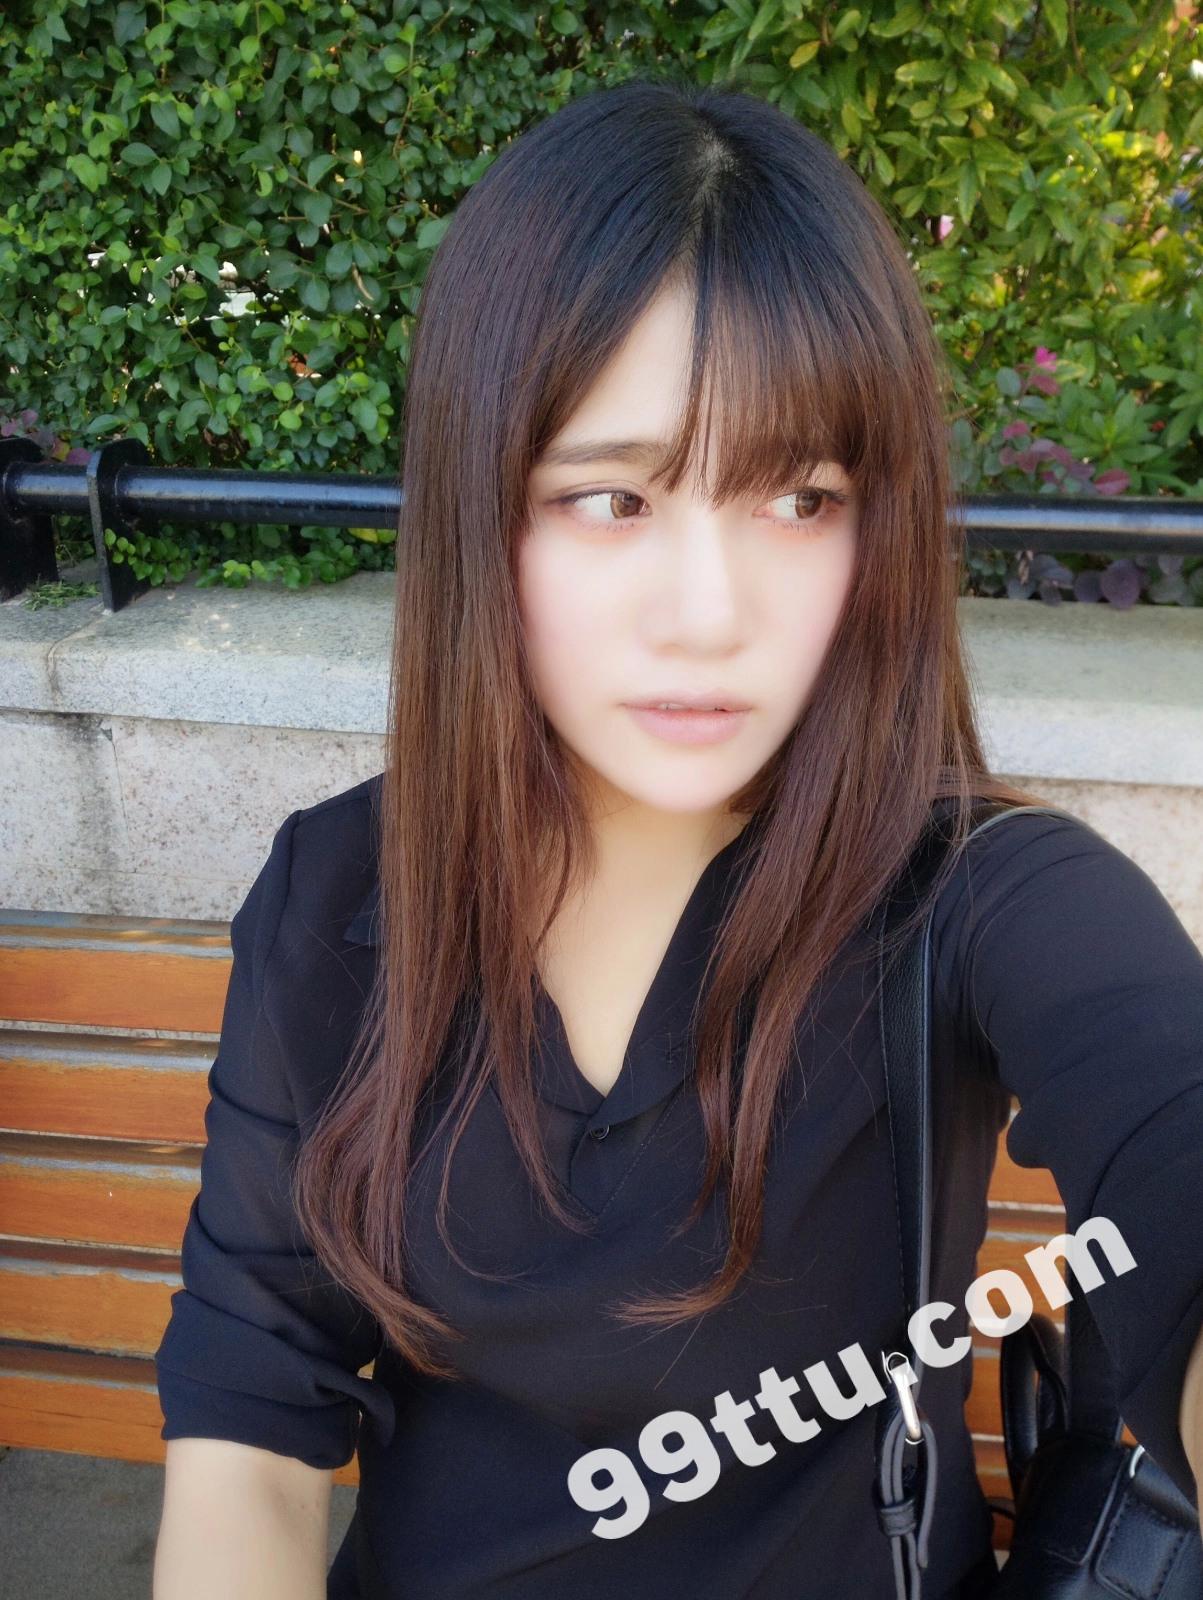 KK90_1390图+6视频 美女靓丽青春素材生活照-3